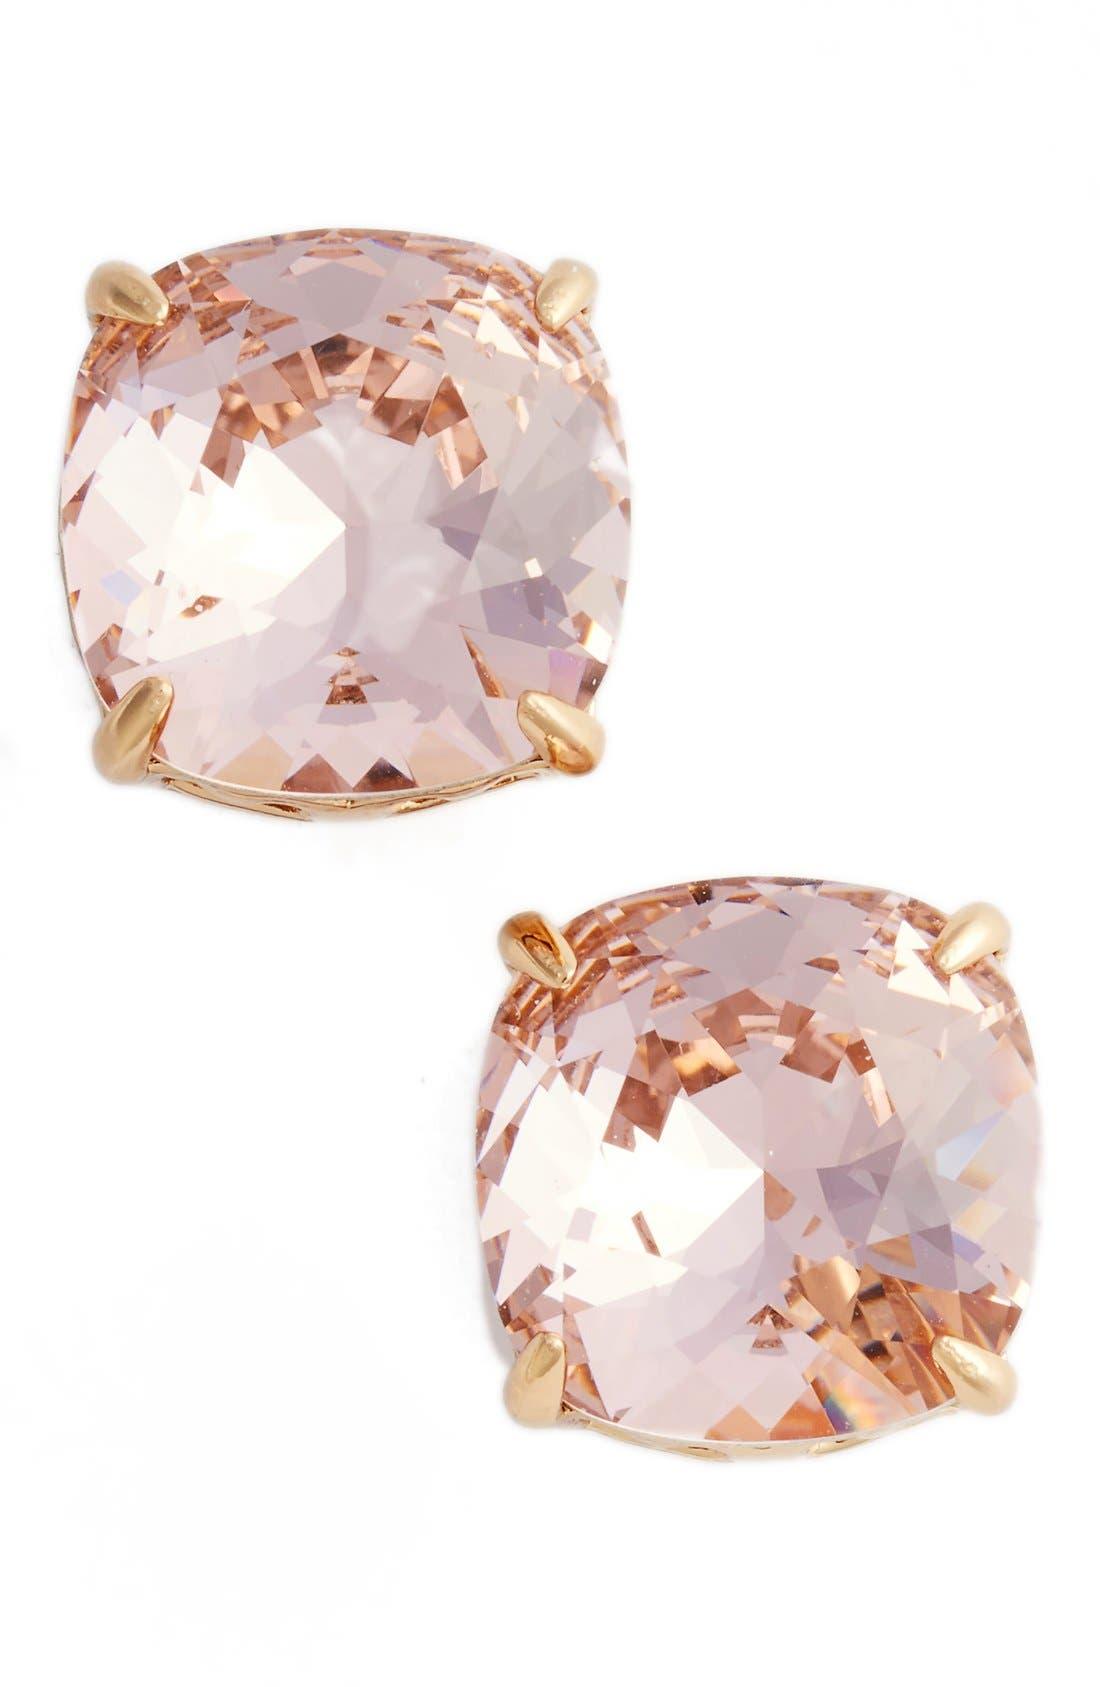 Tory Burch Stone Stud Earrings